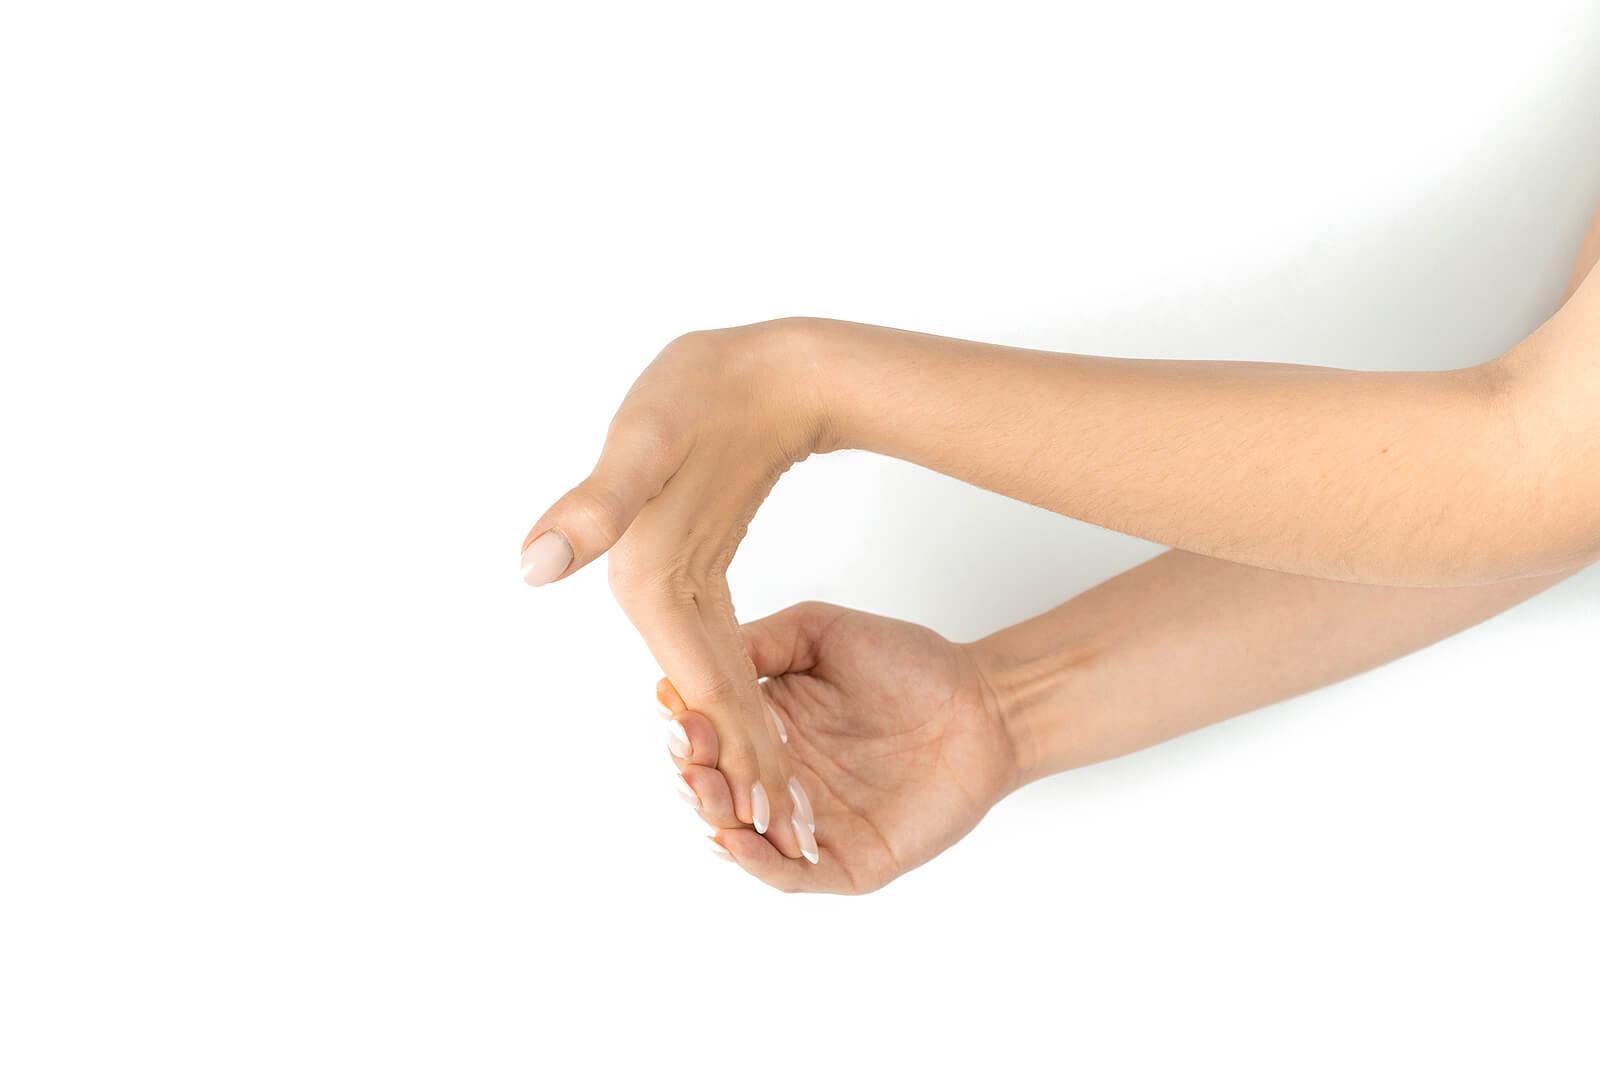 Ejercicios para las manos que sirven como estiramientos.